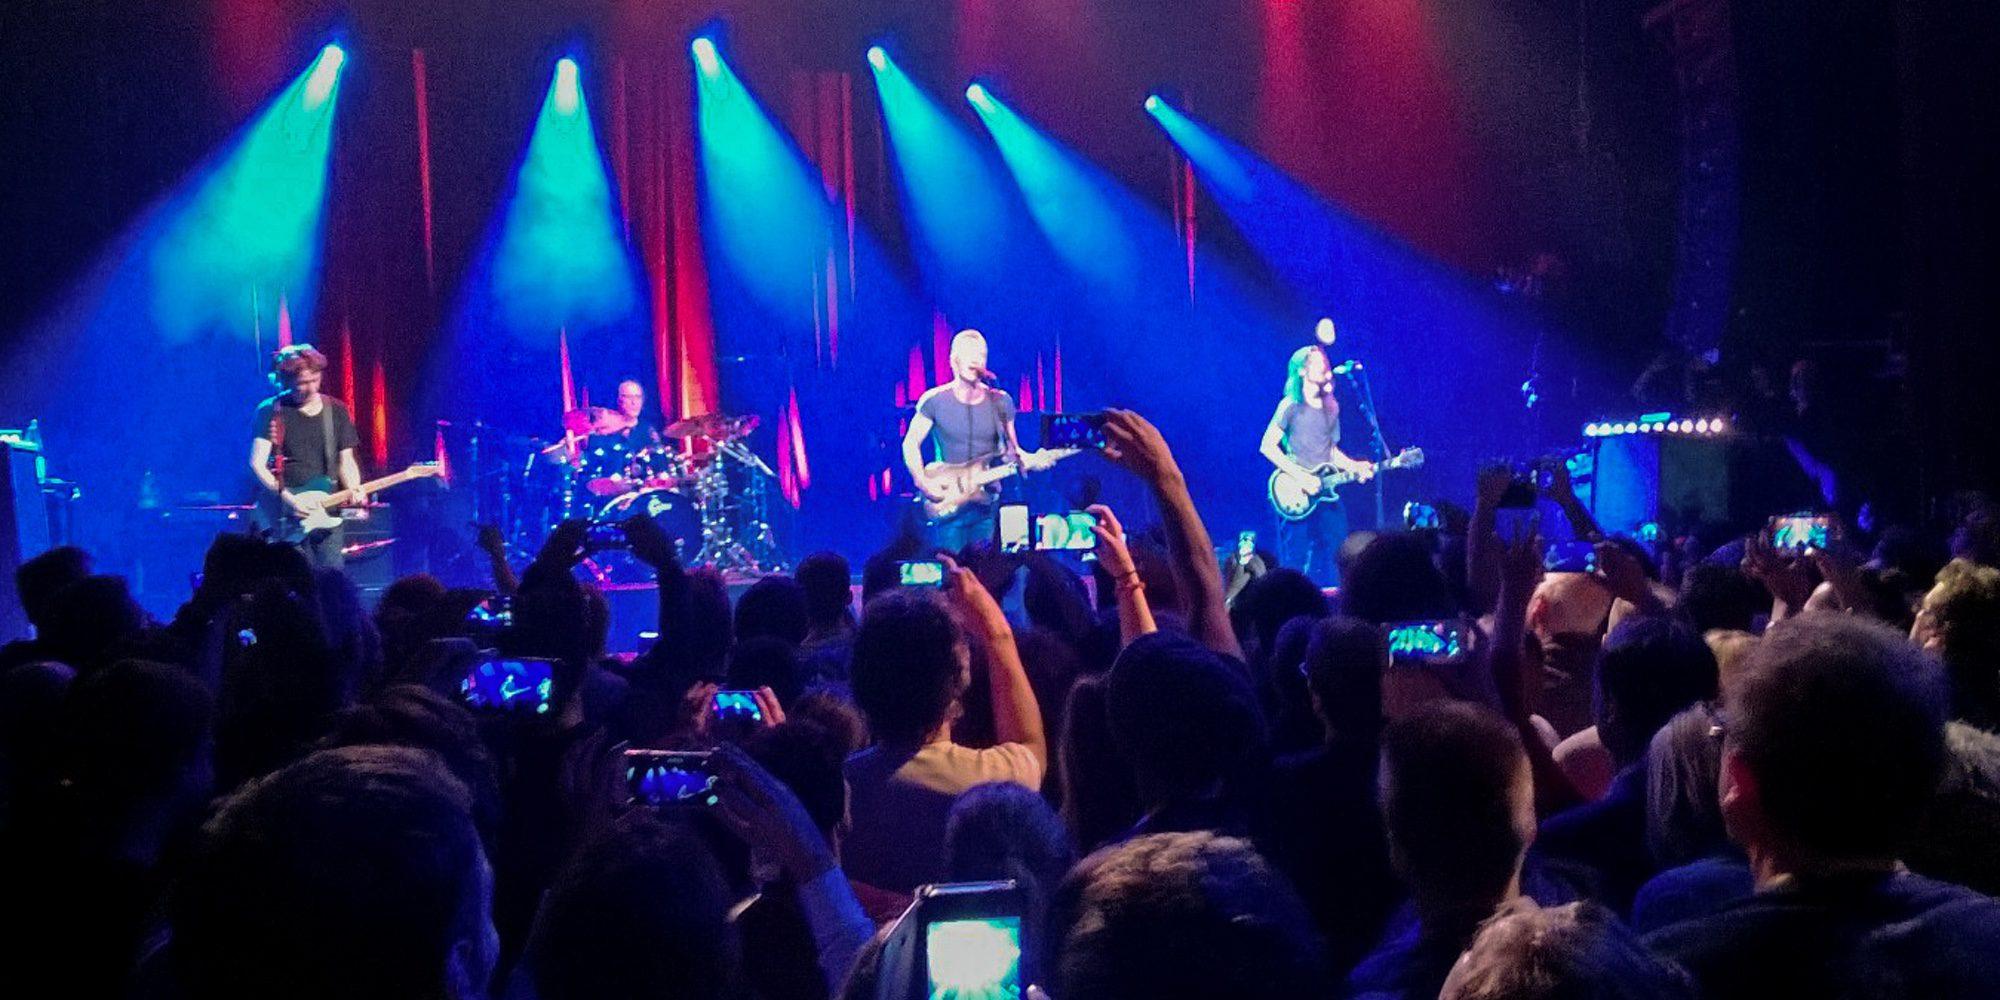 La sala Bataclan reabre sus puertas y acoge un concierto de Sting